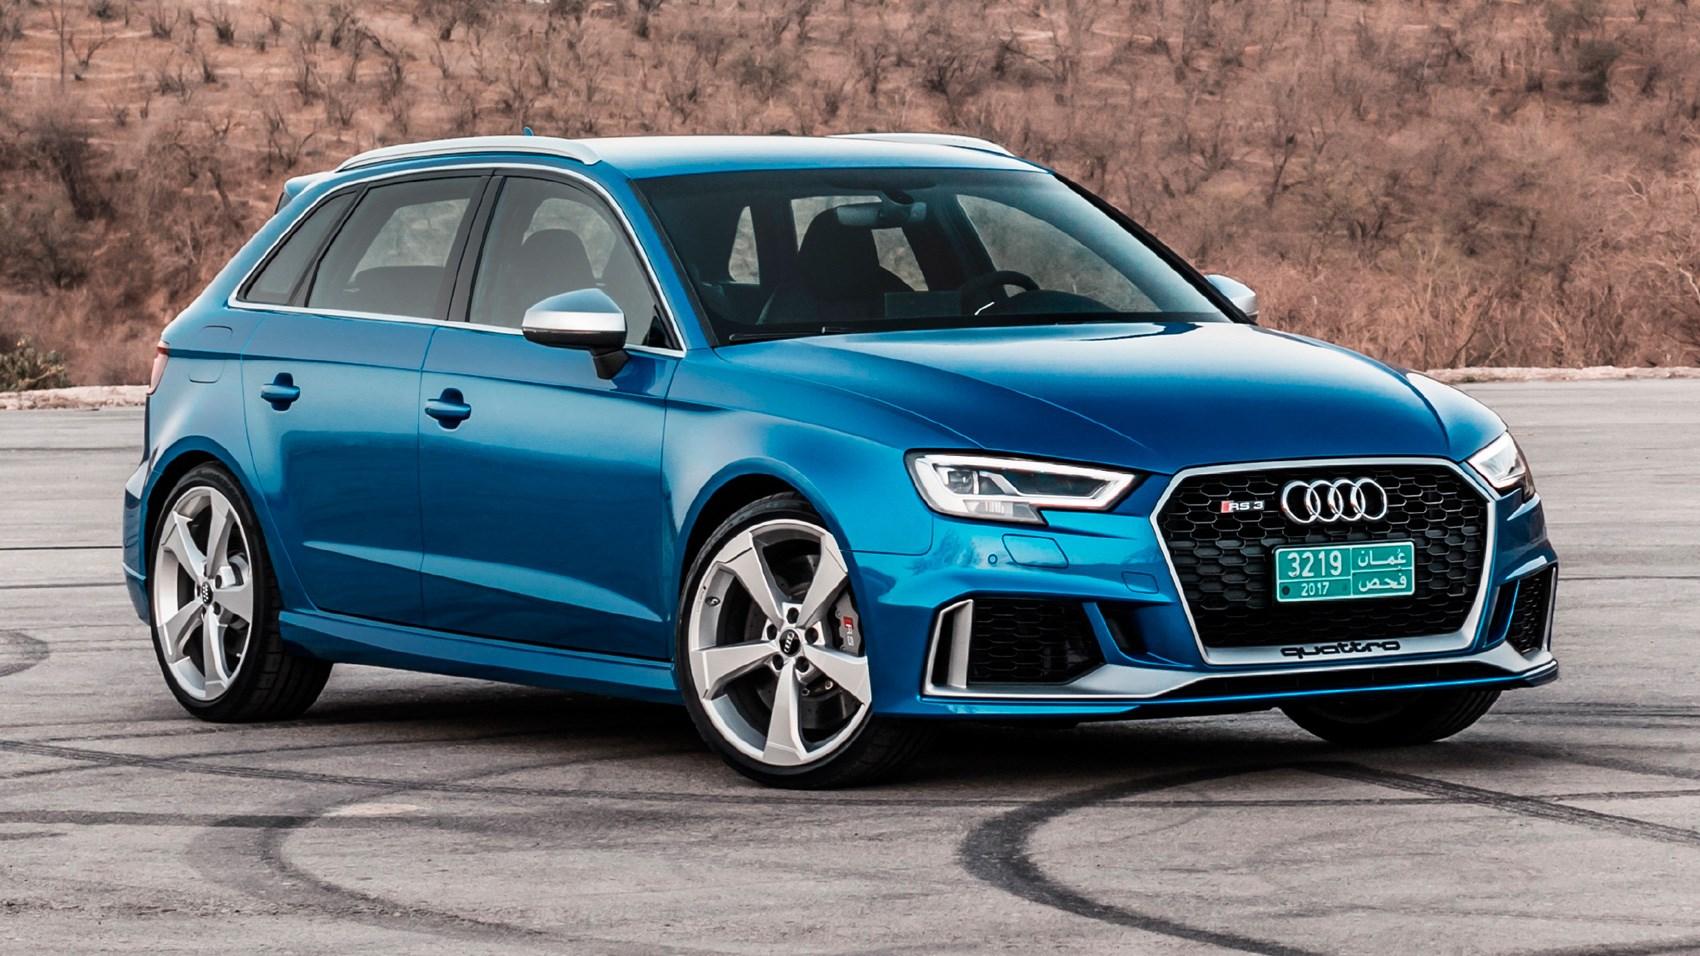 Kekurangan Audi R3 Review